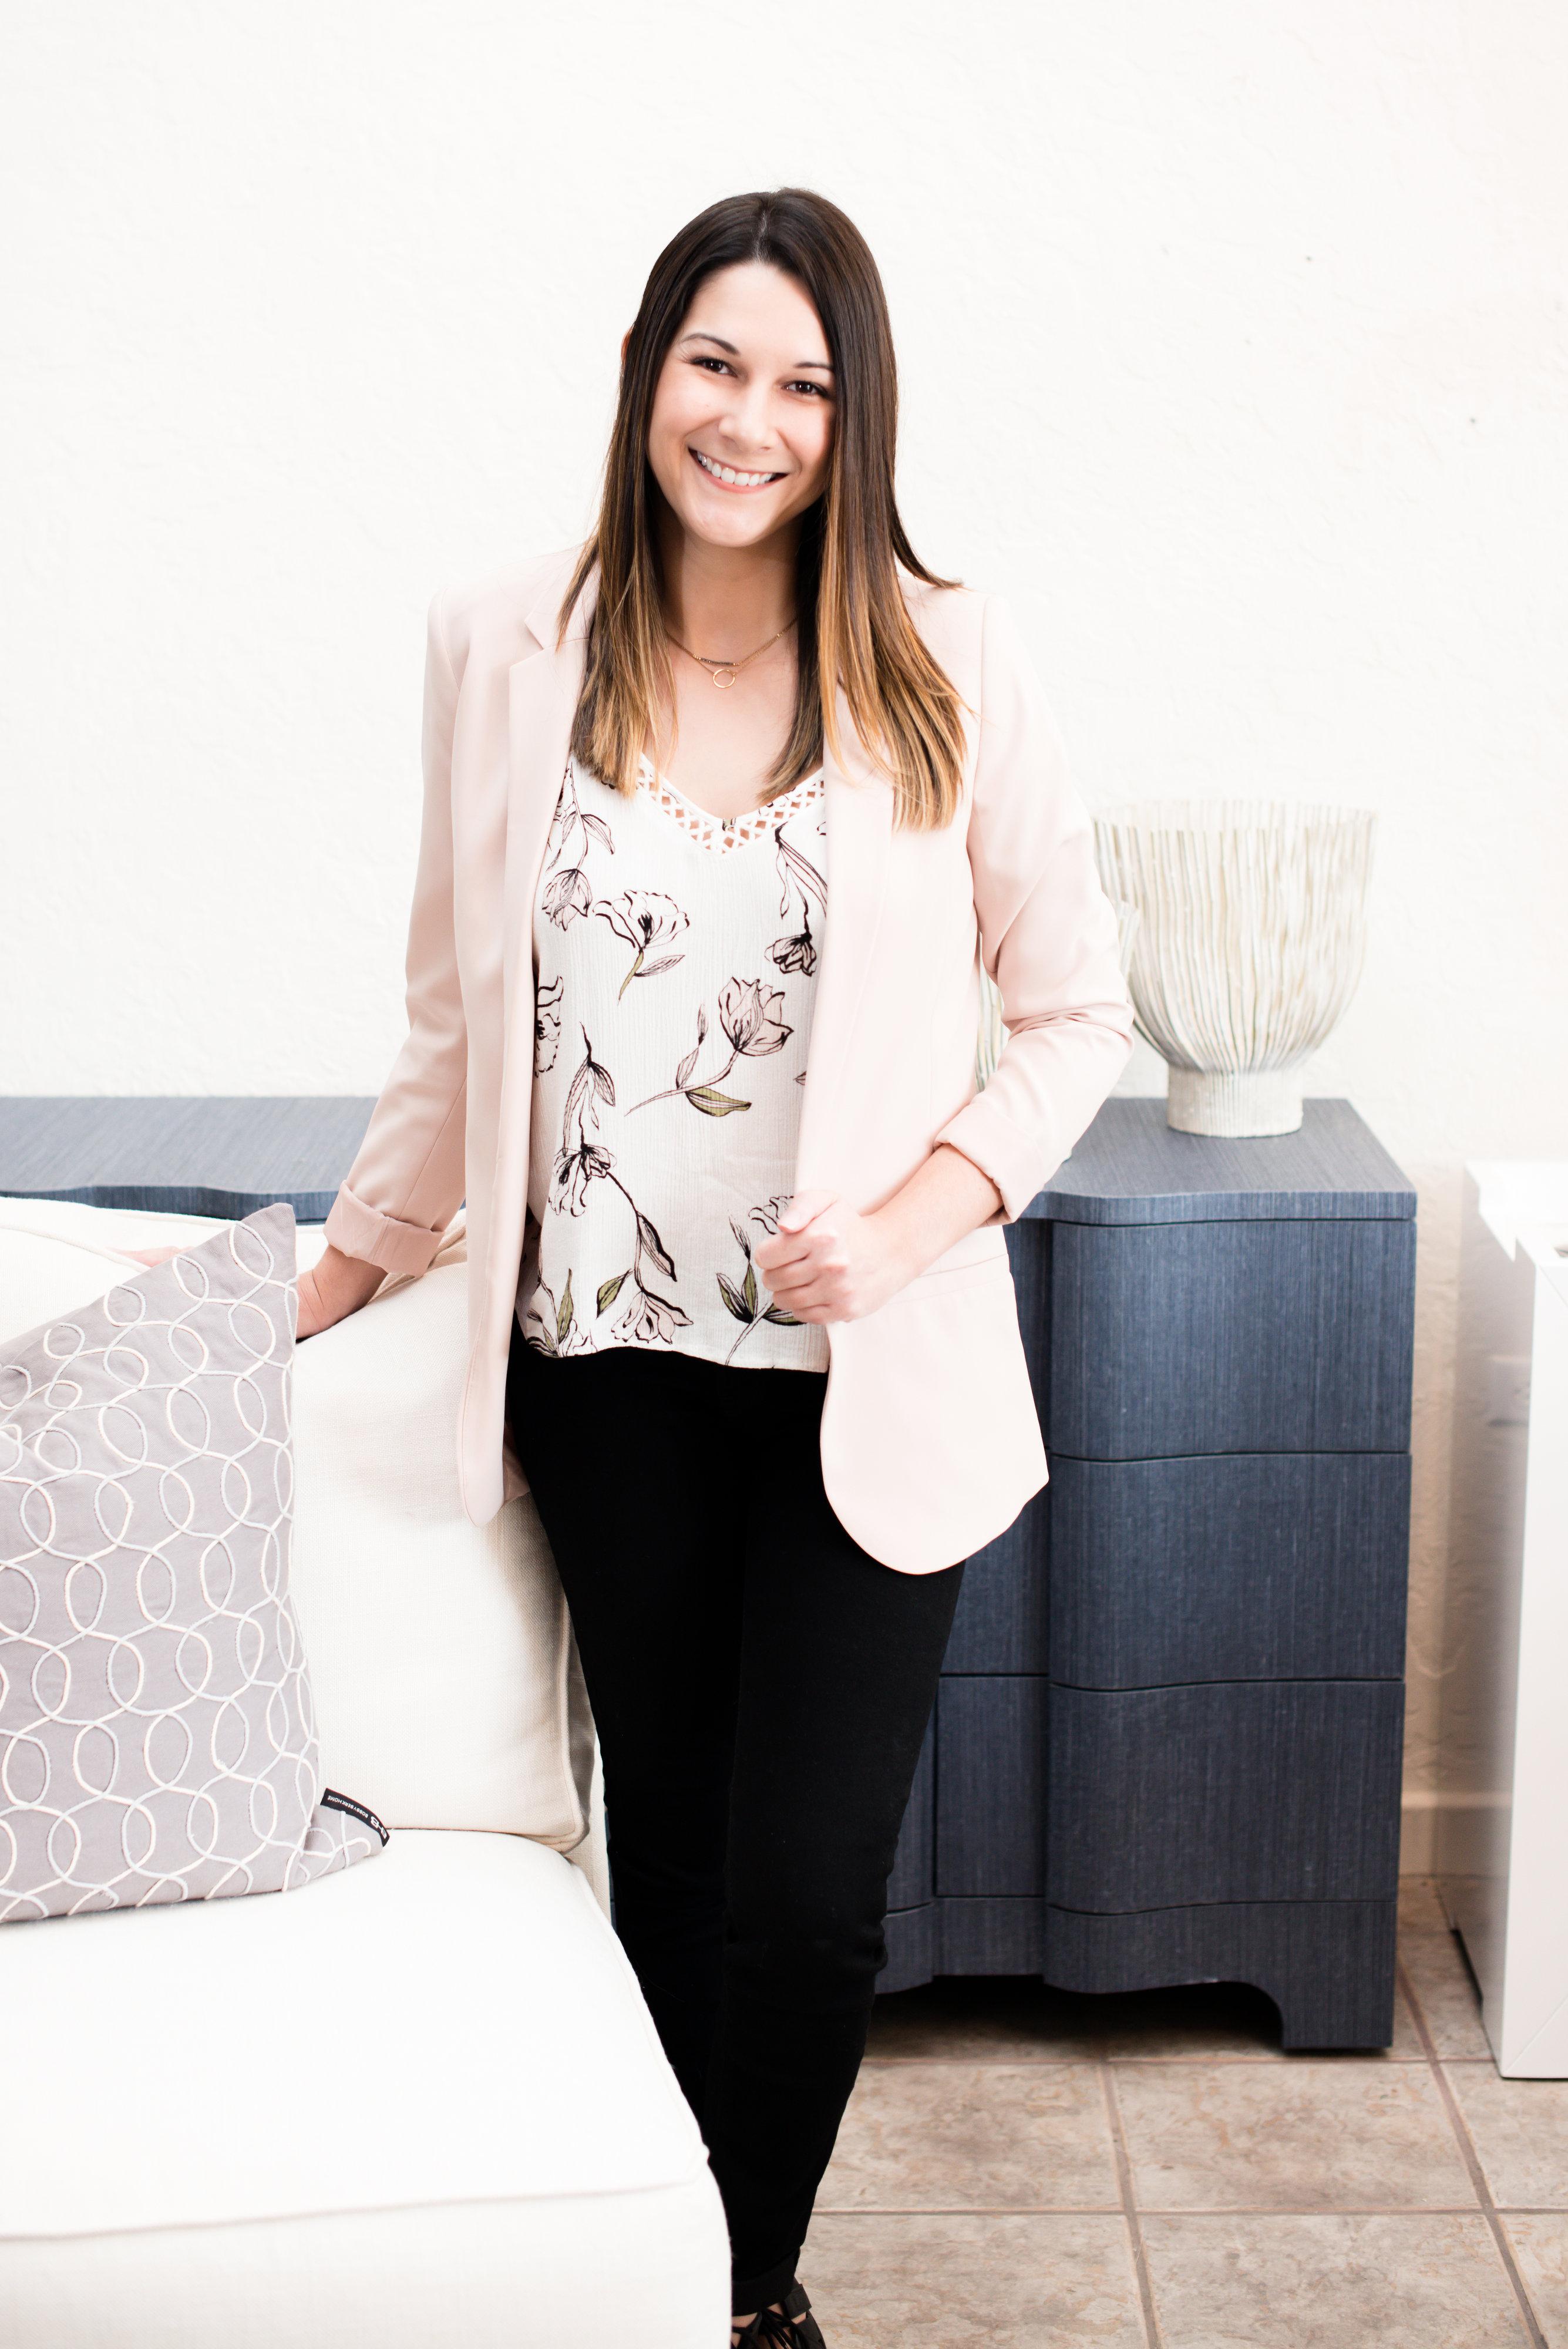 Desiree Joseph, Interior Designer